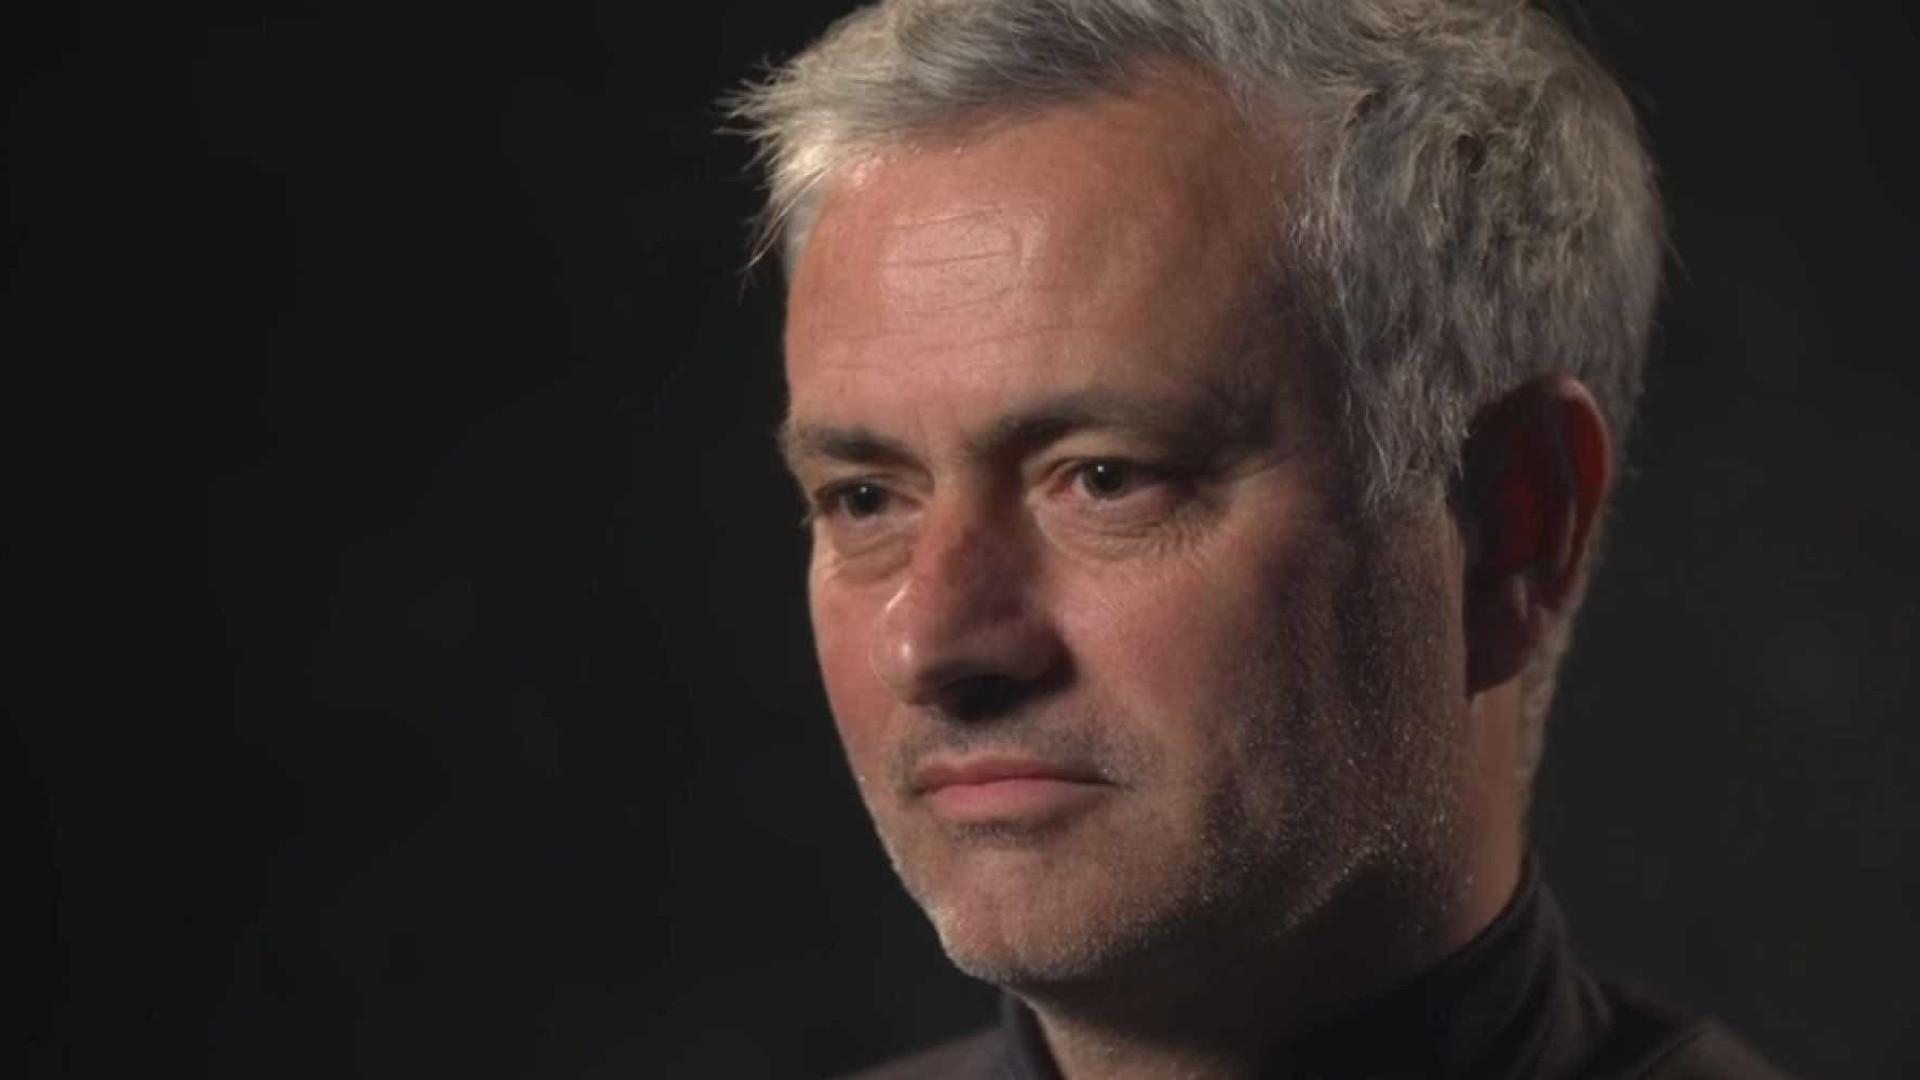 """Emocionado, Mourinho recorda o pai: """"Era uma pessoa de emoções fortes"""""""